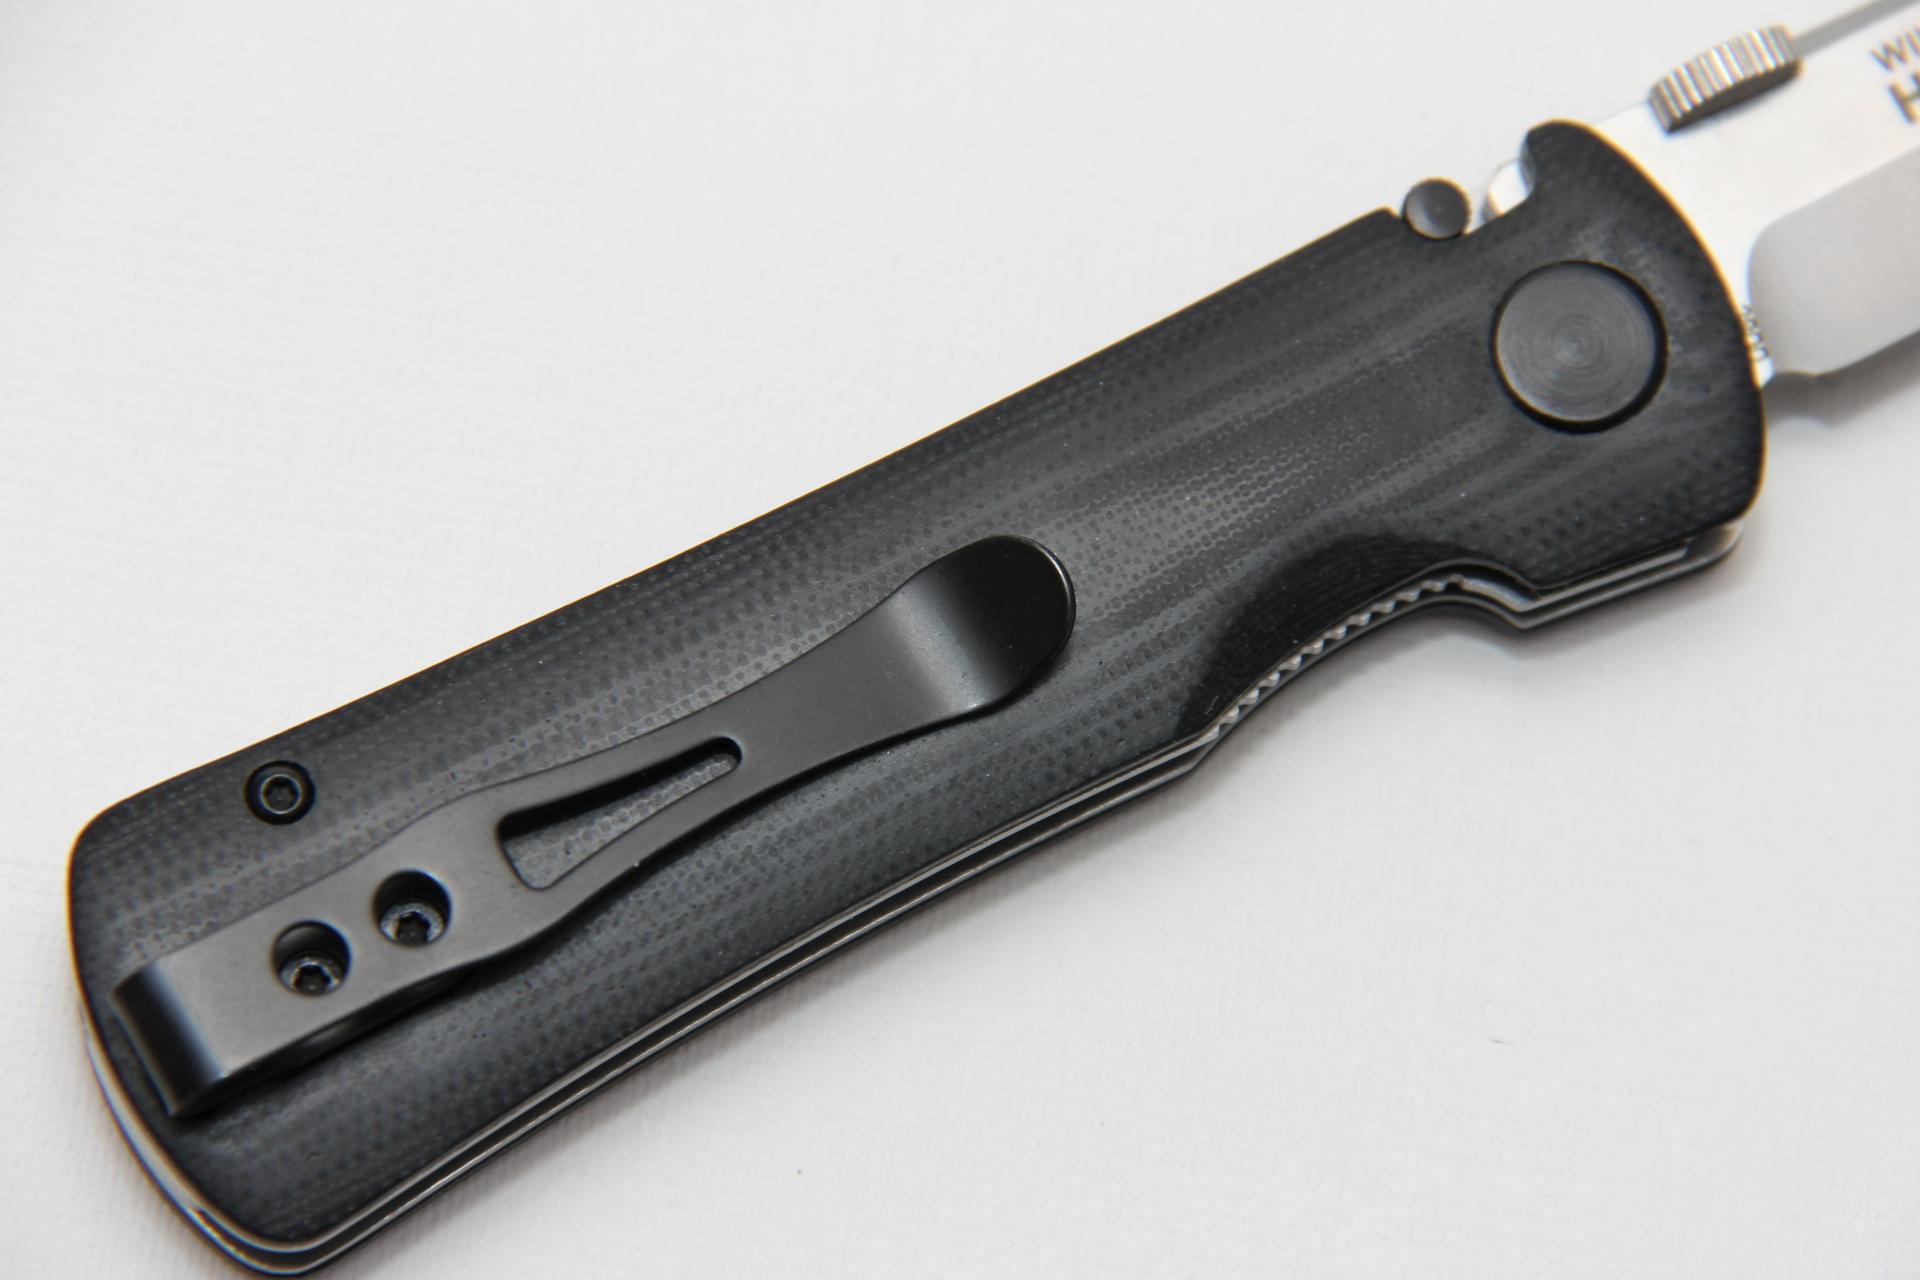 Нож CRKT 2900 Heiho Folder - фотография